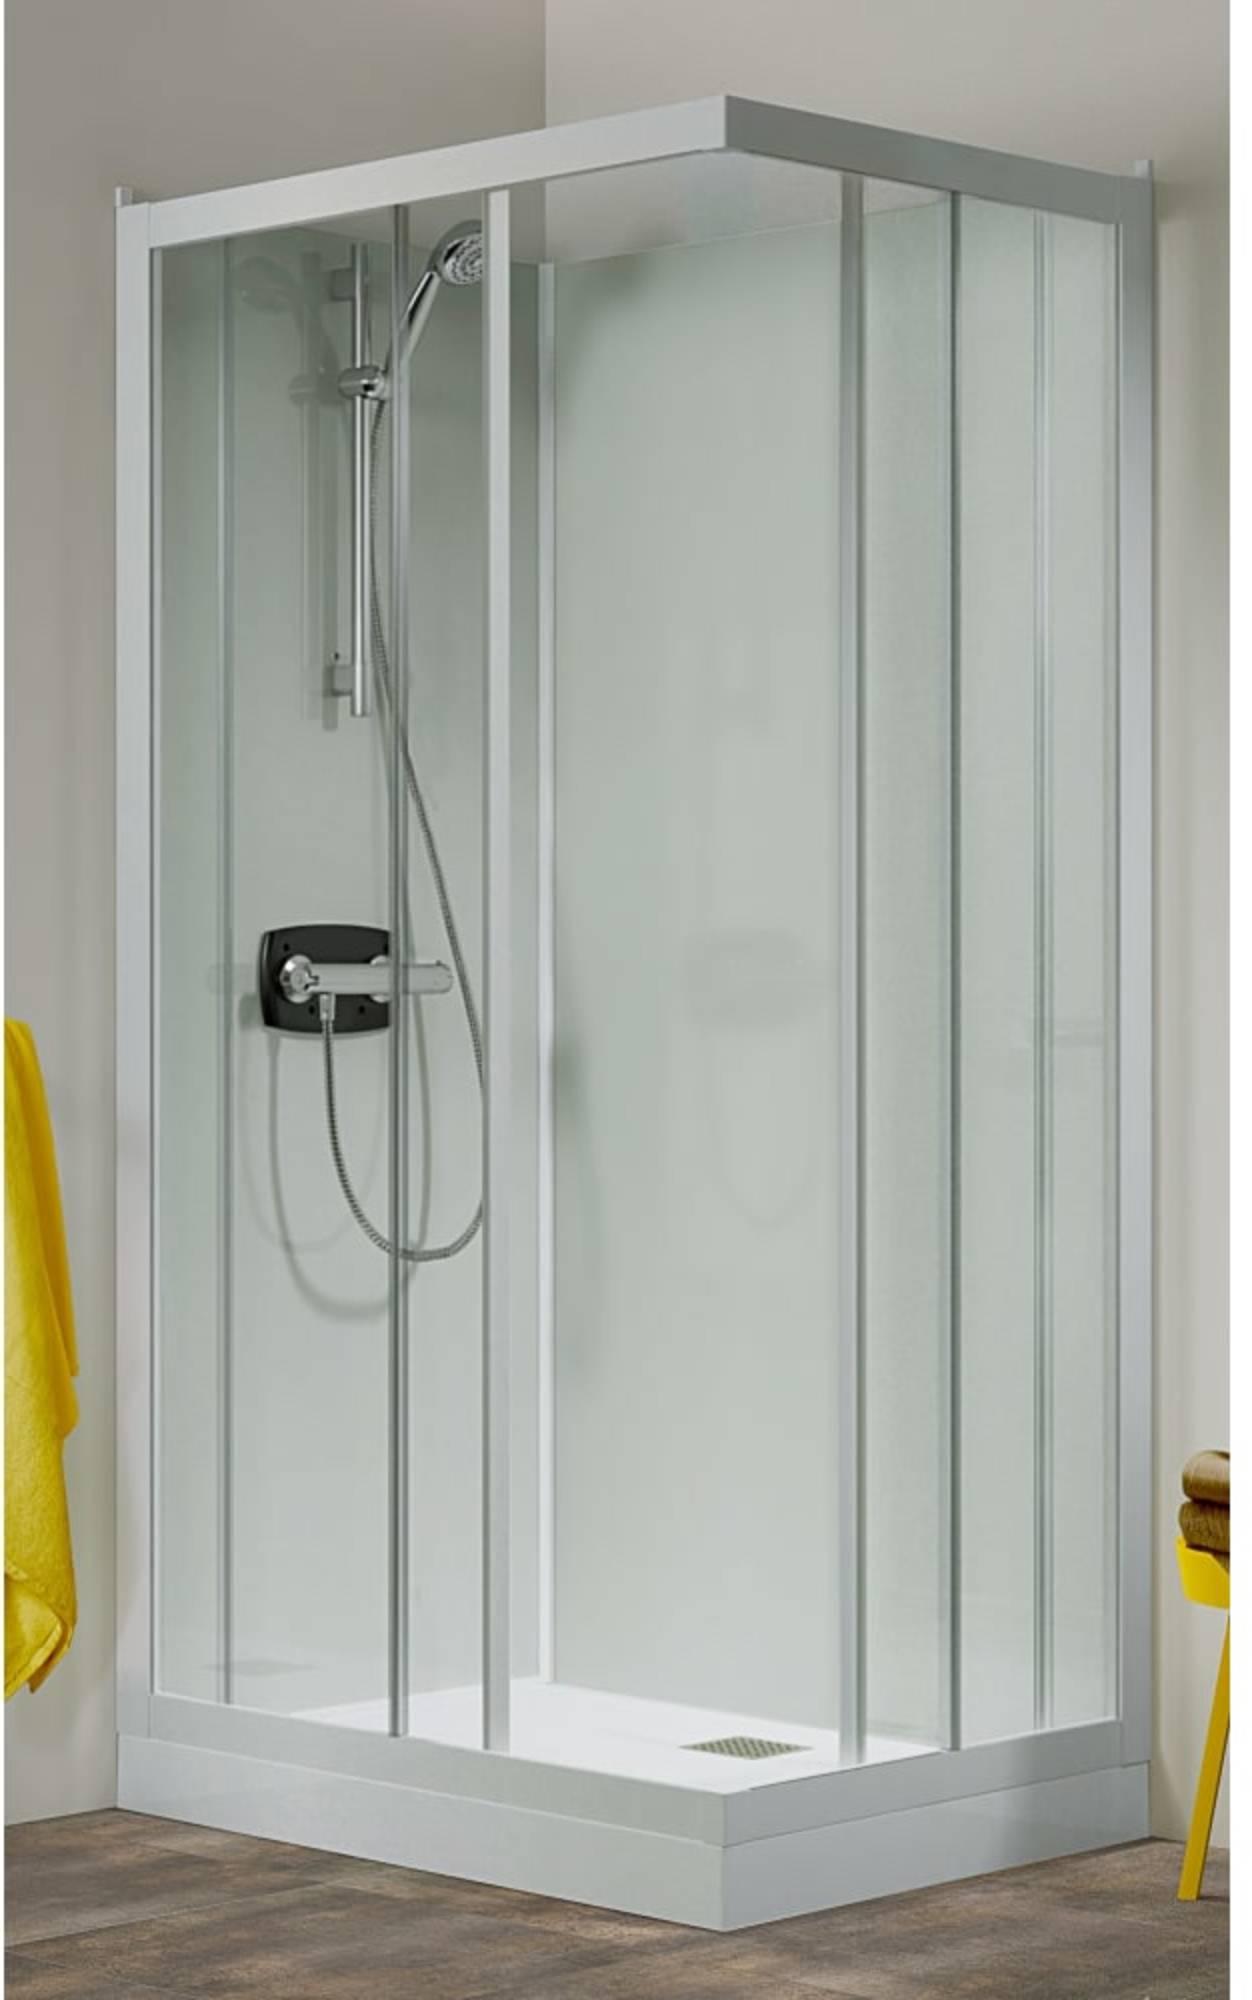 Productafbeelding van Kinedo Kineprime glass douchecabine met schuifdeur 90x208 en thermostaat